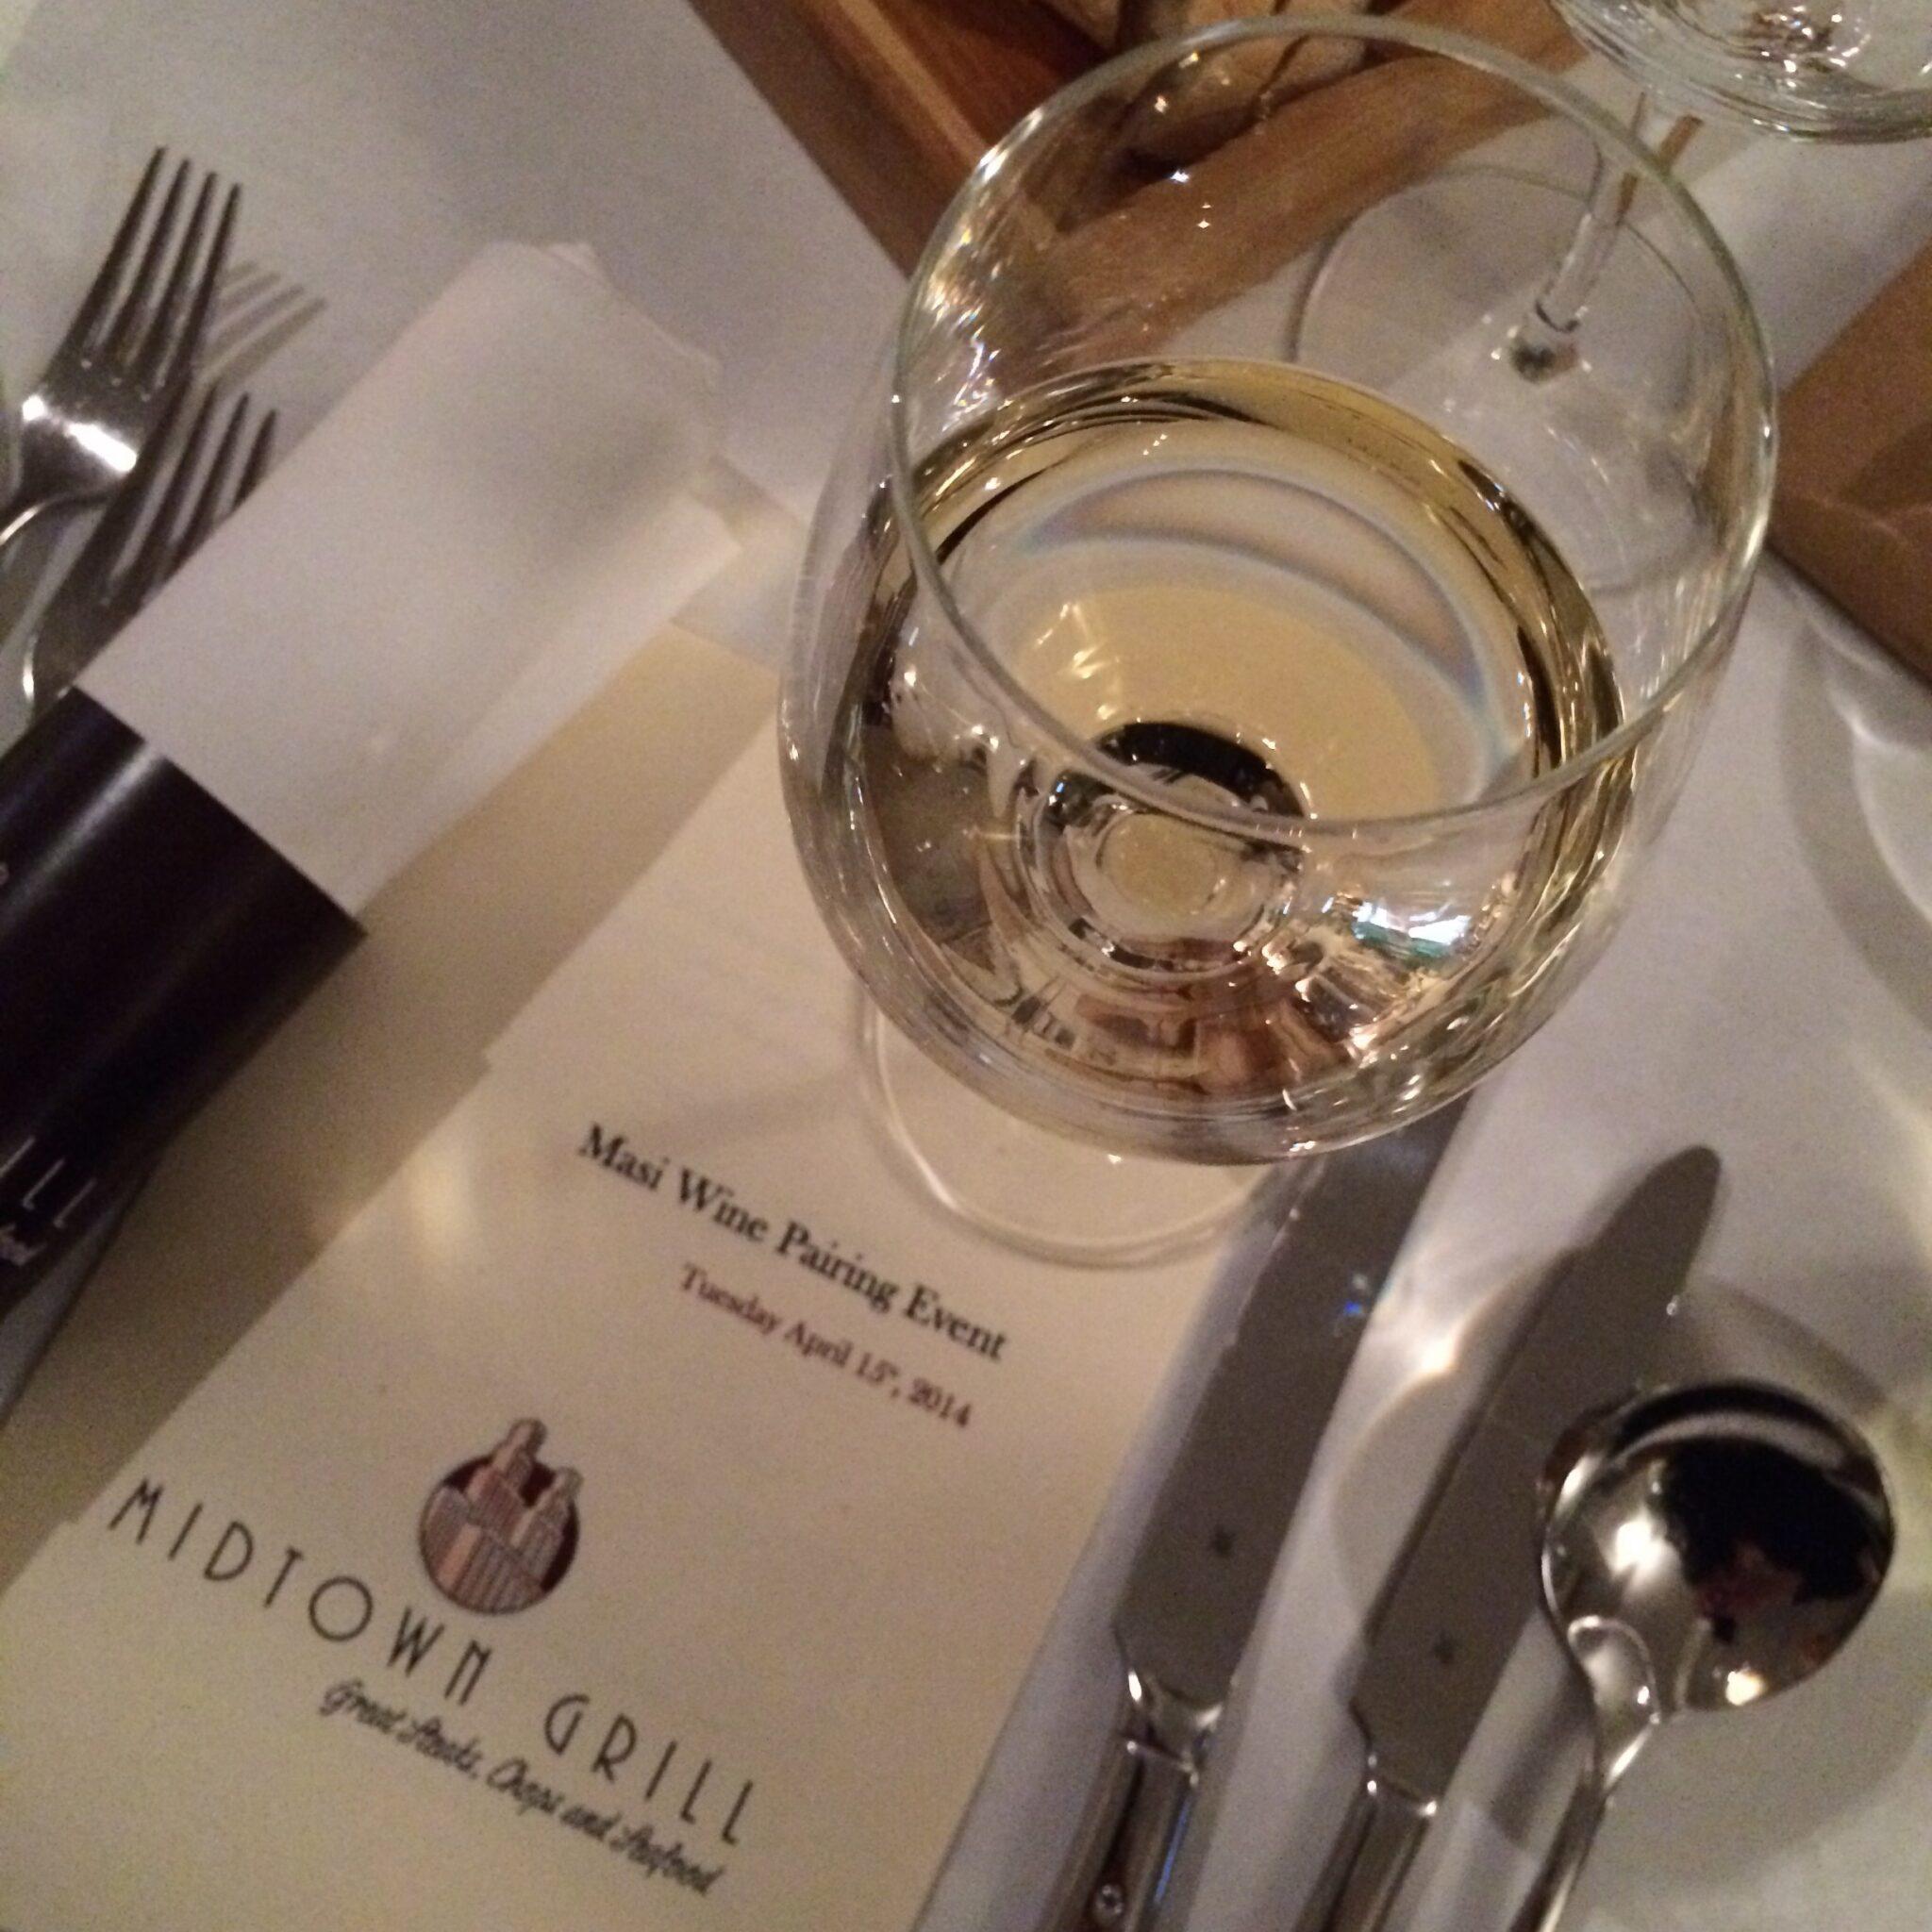 IMG 6071 - Masi Wines tasting